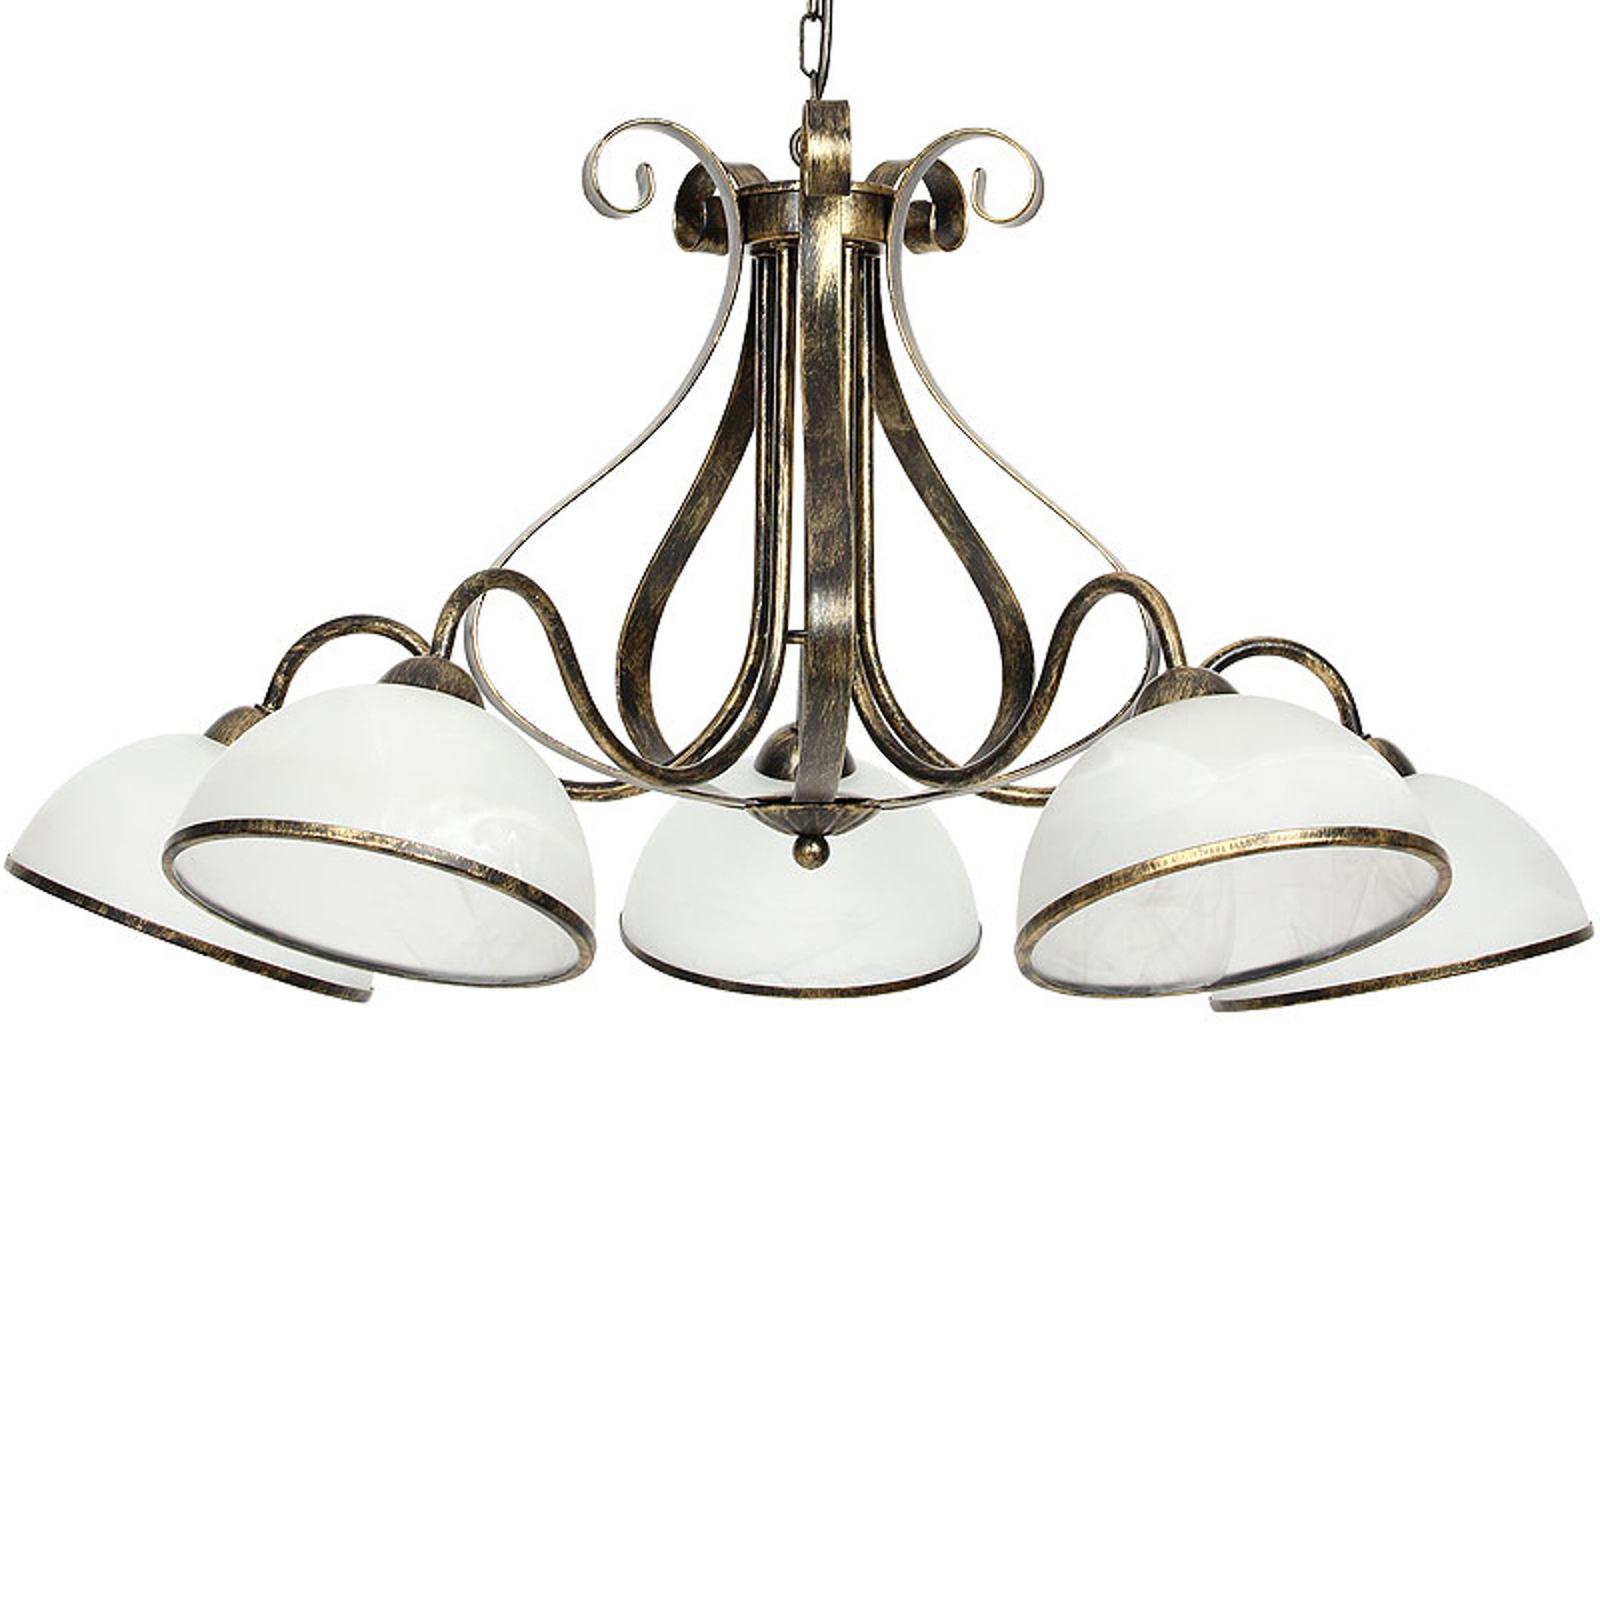 Hanglamp Antica in landhuisstijl, 5-lamps